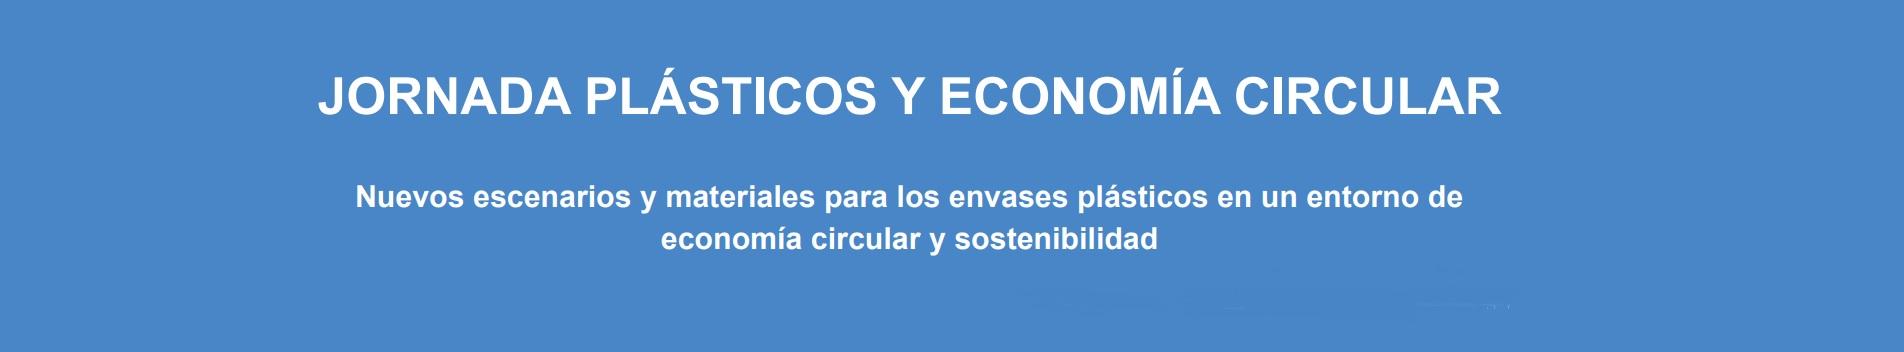 ASOBIOCOM en la Jornada de Plásticos y Economía Circular de las Islas Baleares